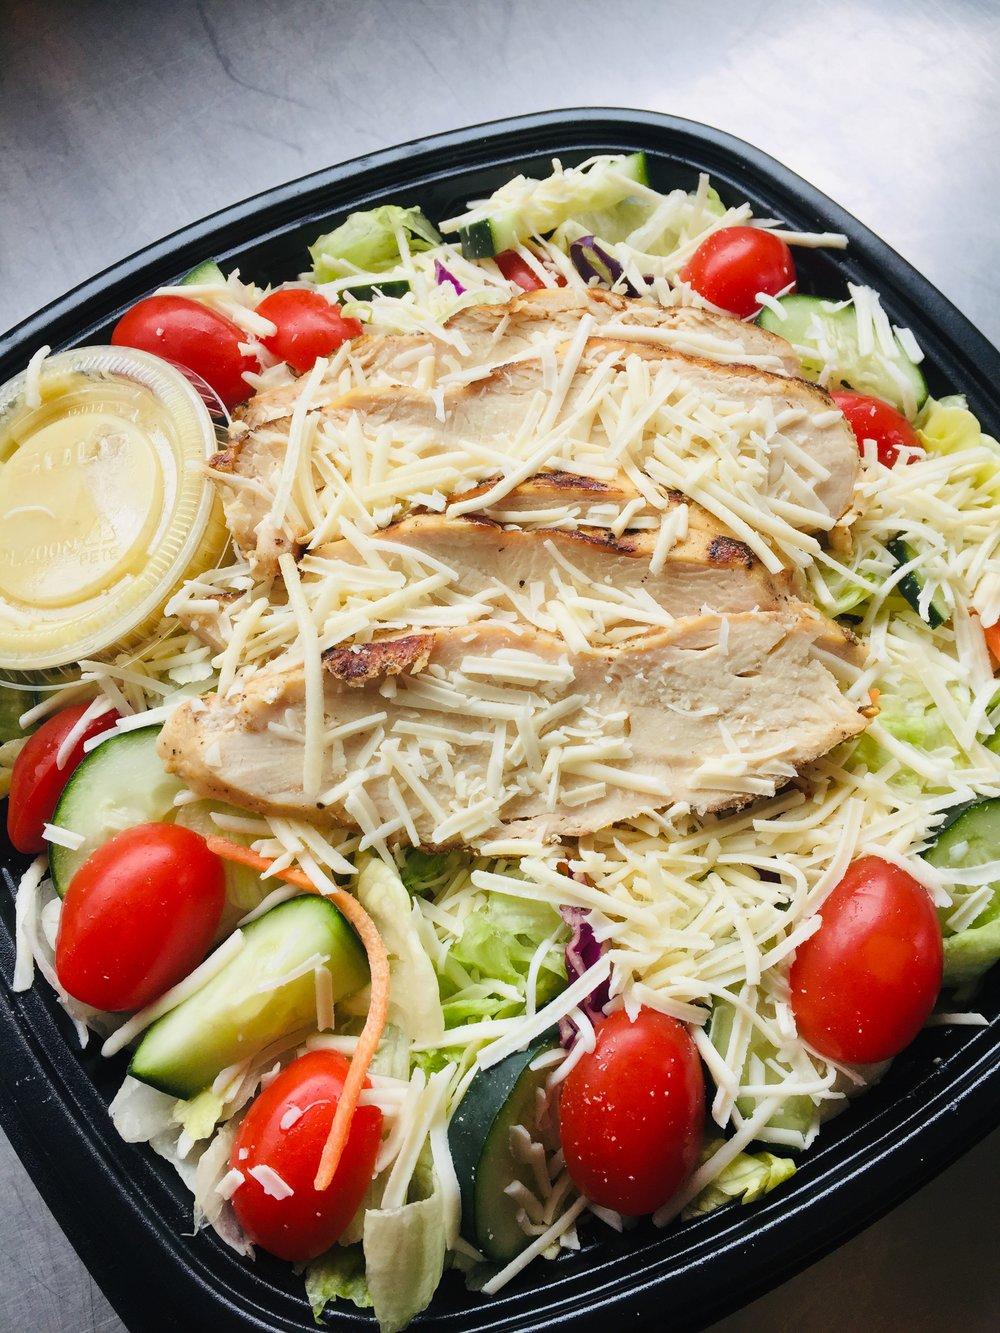 Grilled Chicken Sensation Salad